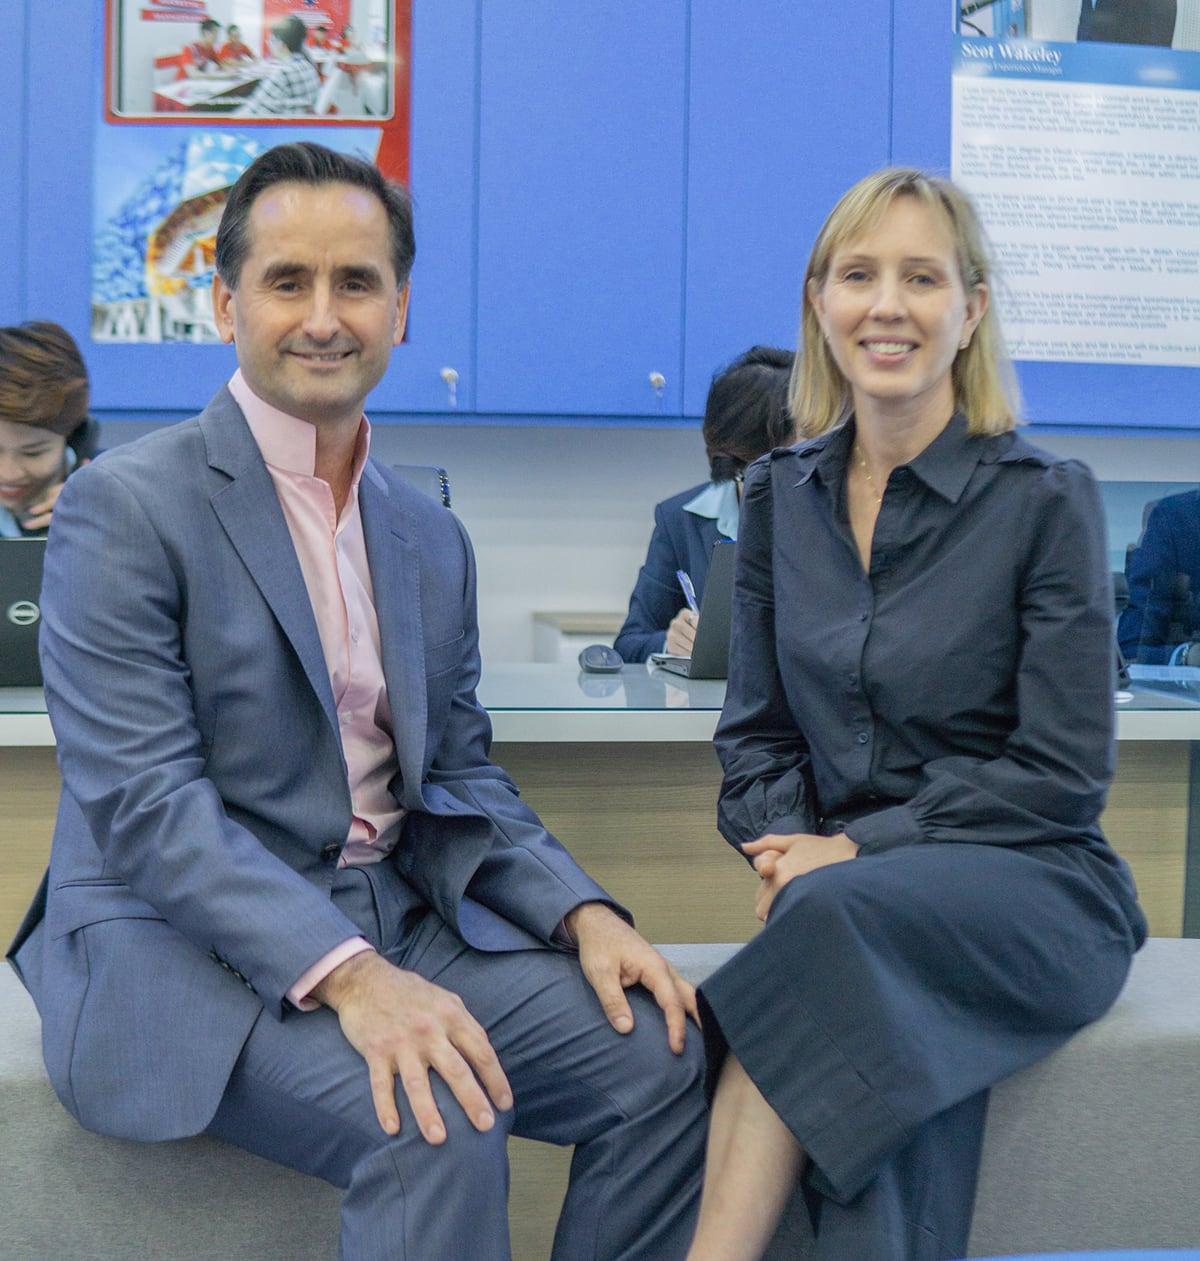 Arabella Peters (trái) và Khalid Muhmood (phải), hai nhà sáng lập của hệ thống Trung tâm Anh ngữ Apollo English.